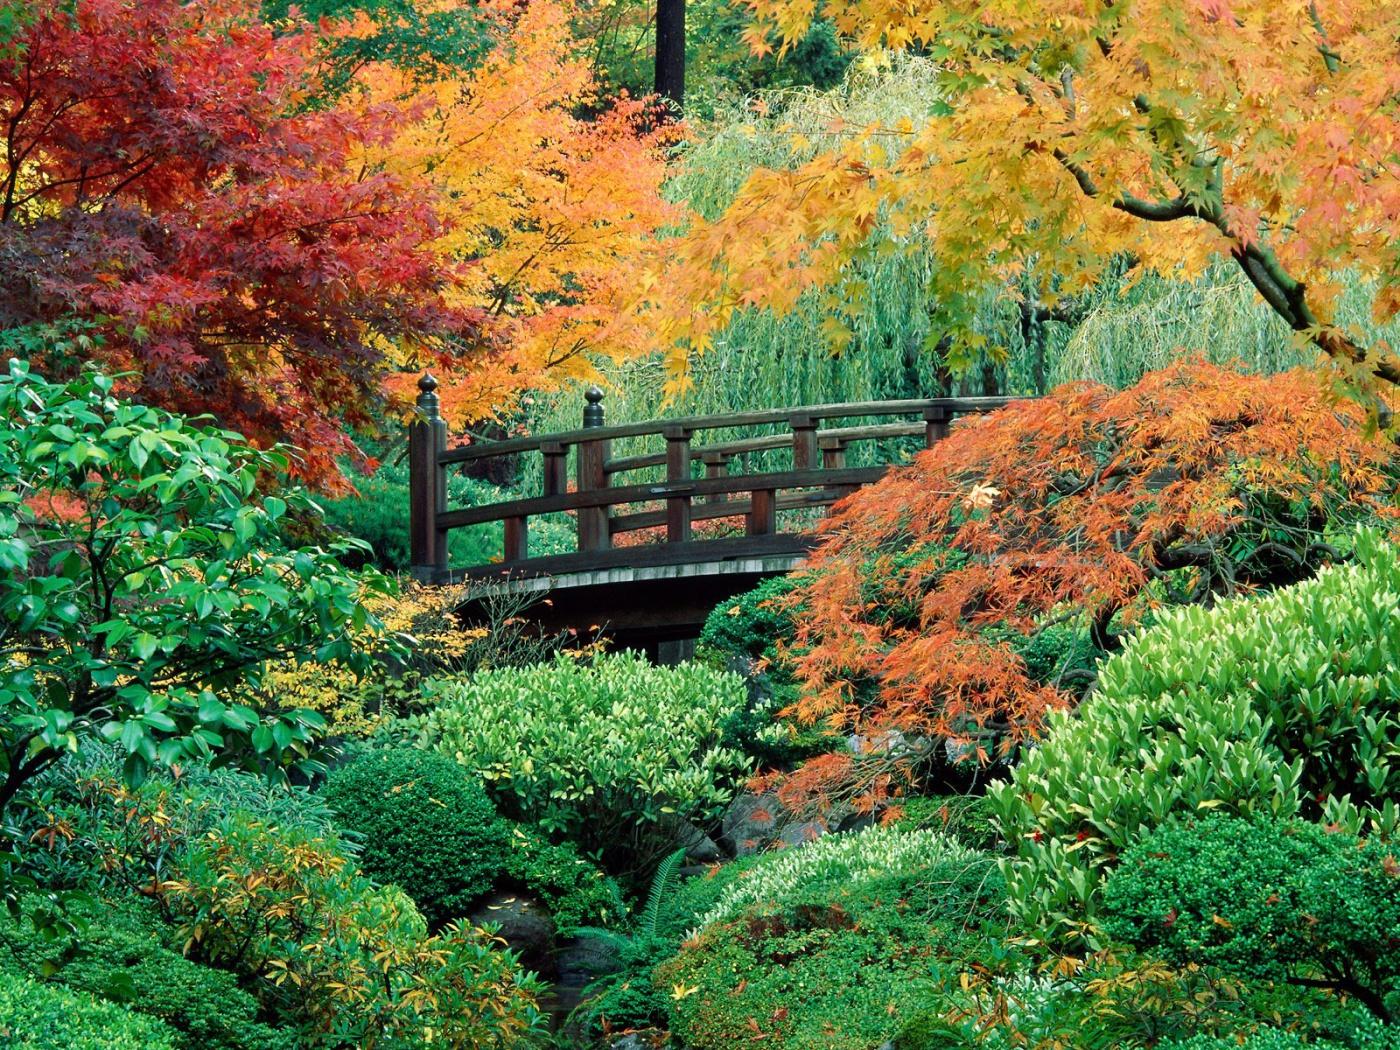 بالصور صور طبيعة جميلة , احلى خلفيات اشجار وسماء وبحار روعه 3981 4